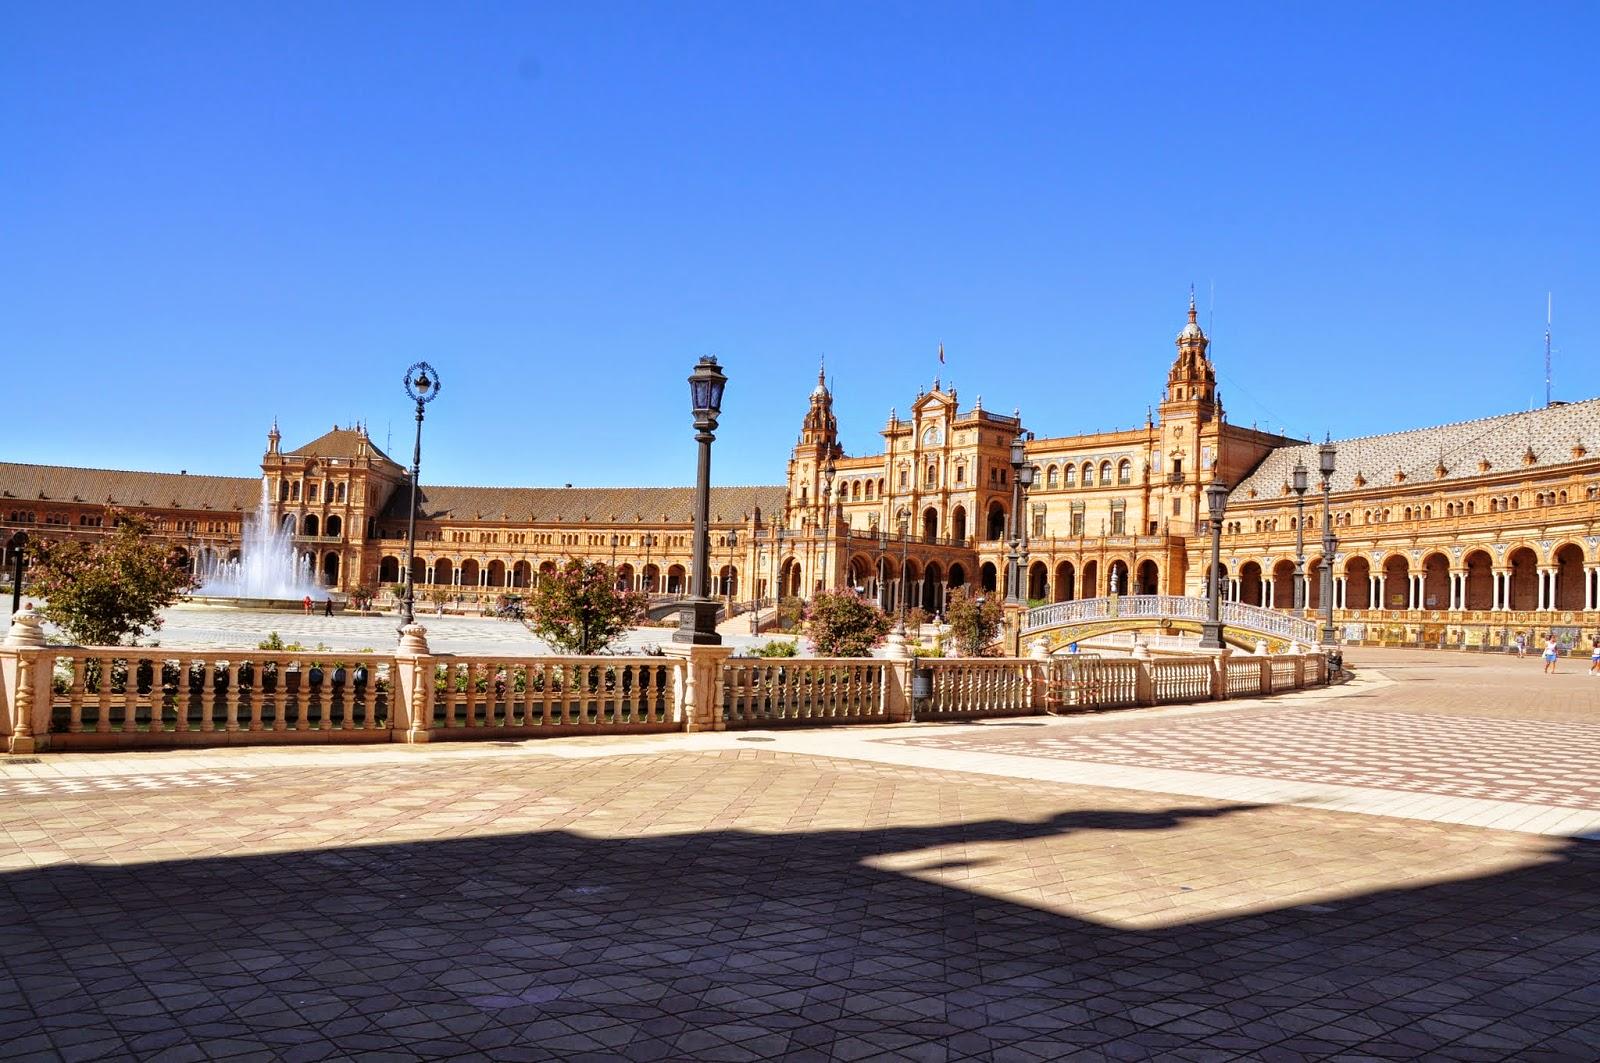 Itinerario in Spagna - Siviglia